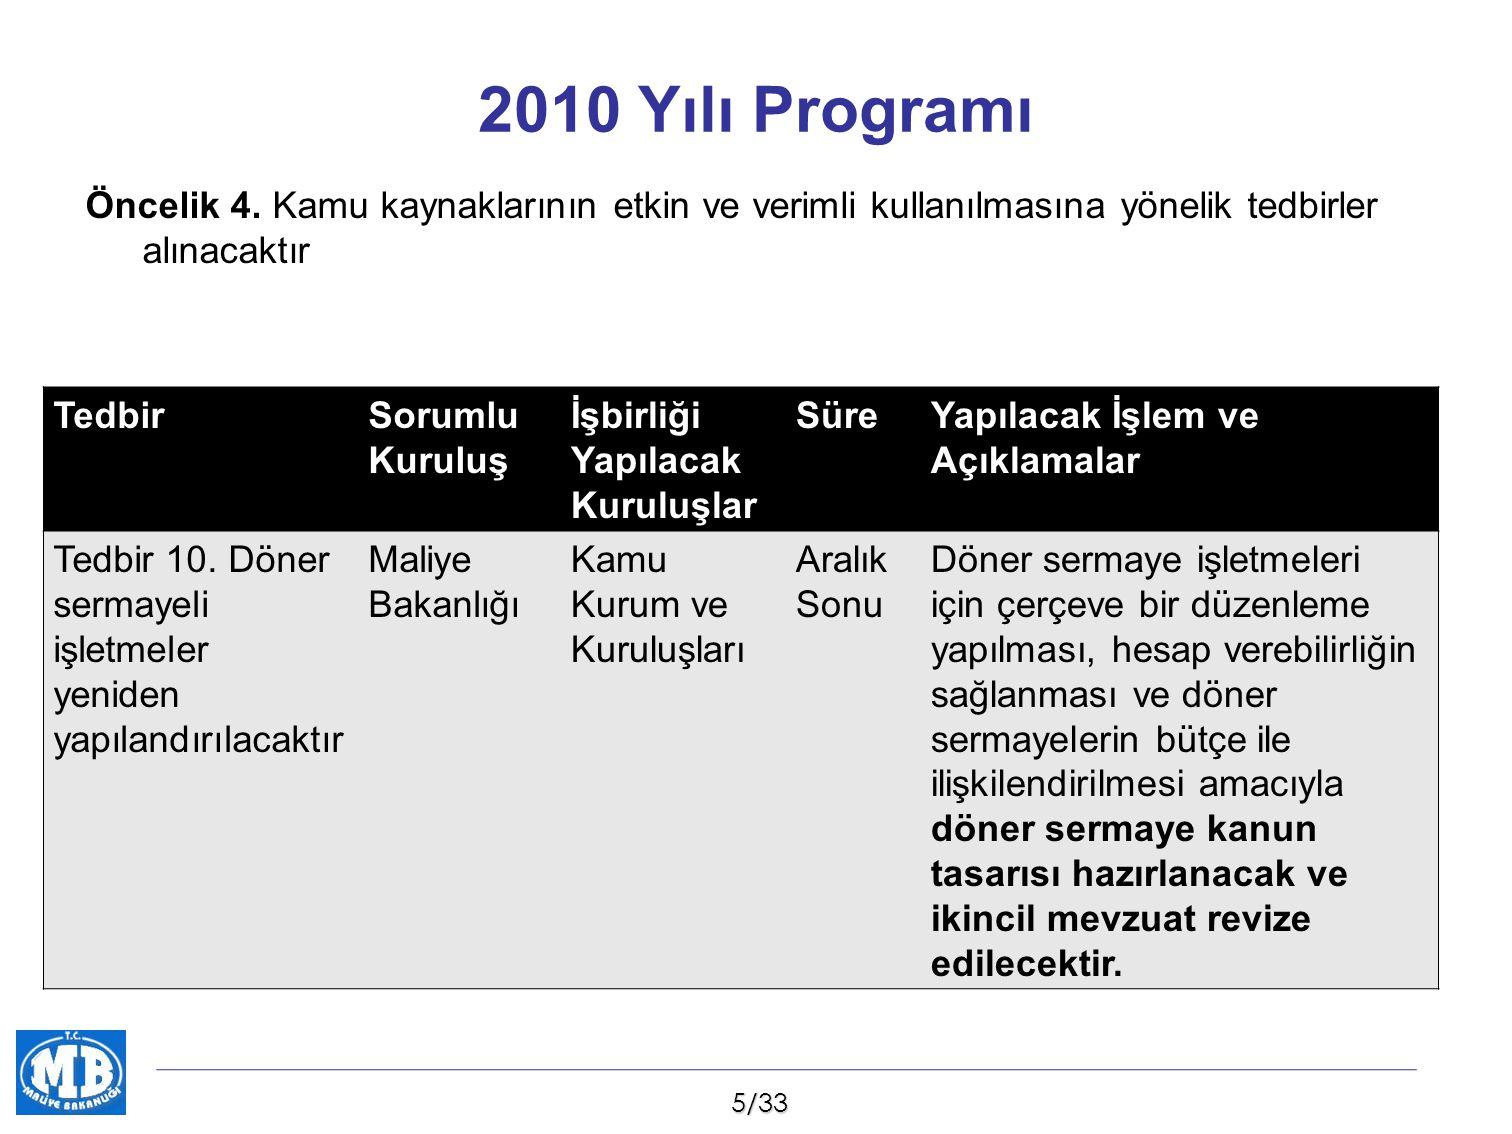 2010 Yılı Programı Öncelik 4. Kamu kaynaklarının etkin ve verimli kullanılmasına yönelik tedbirler alınacaktır.